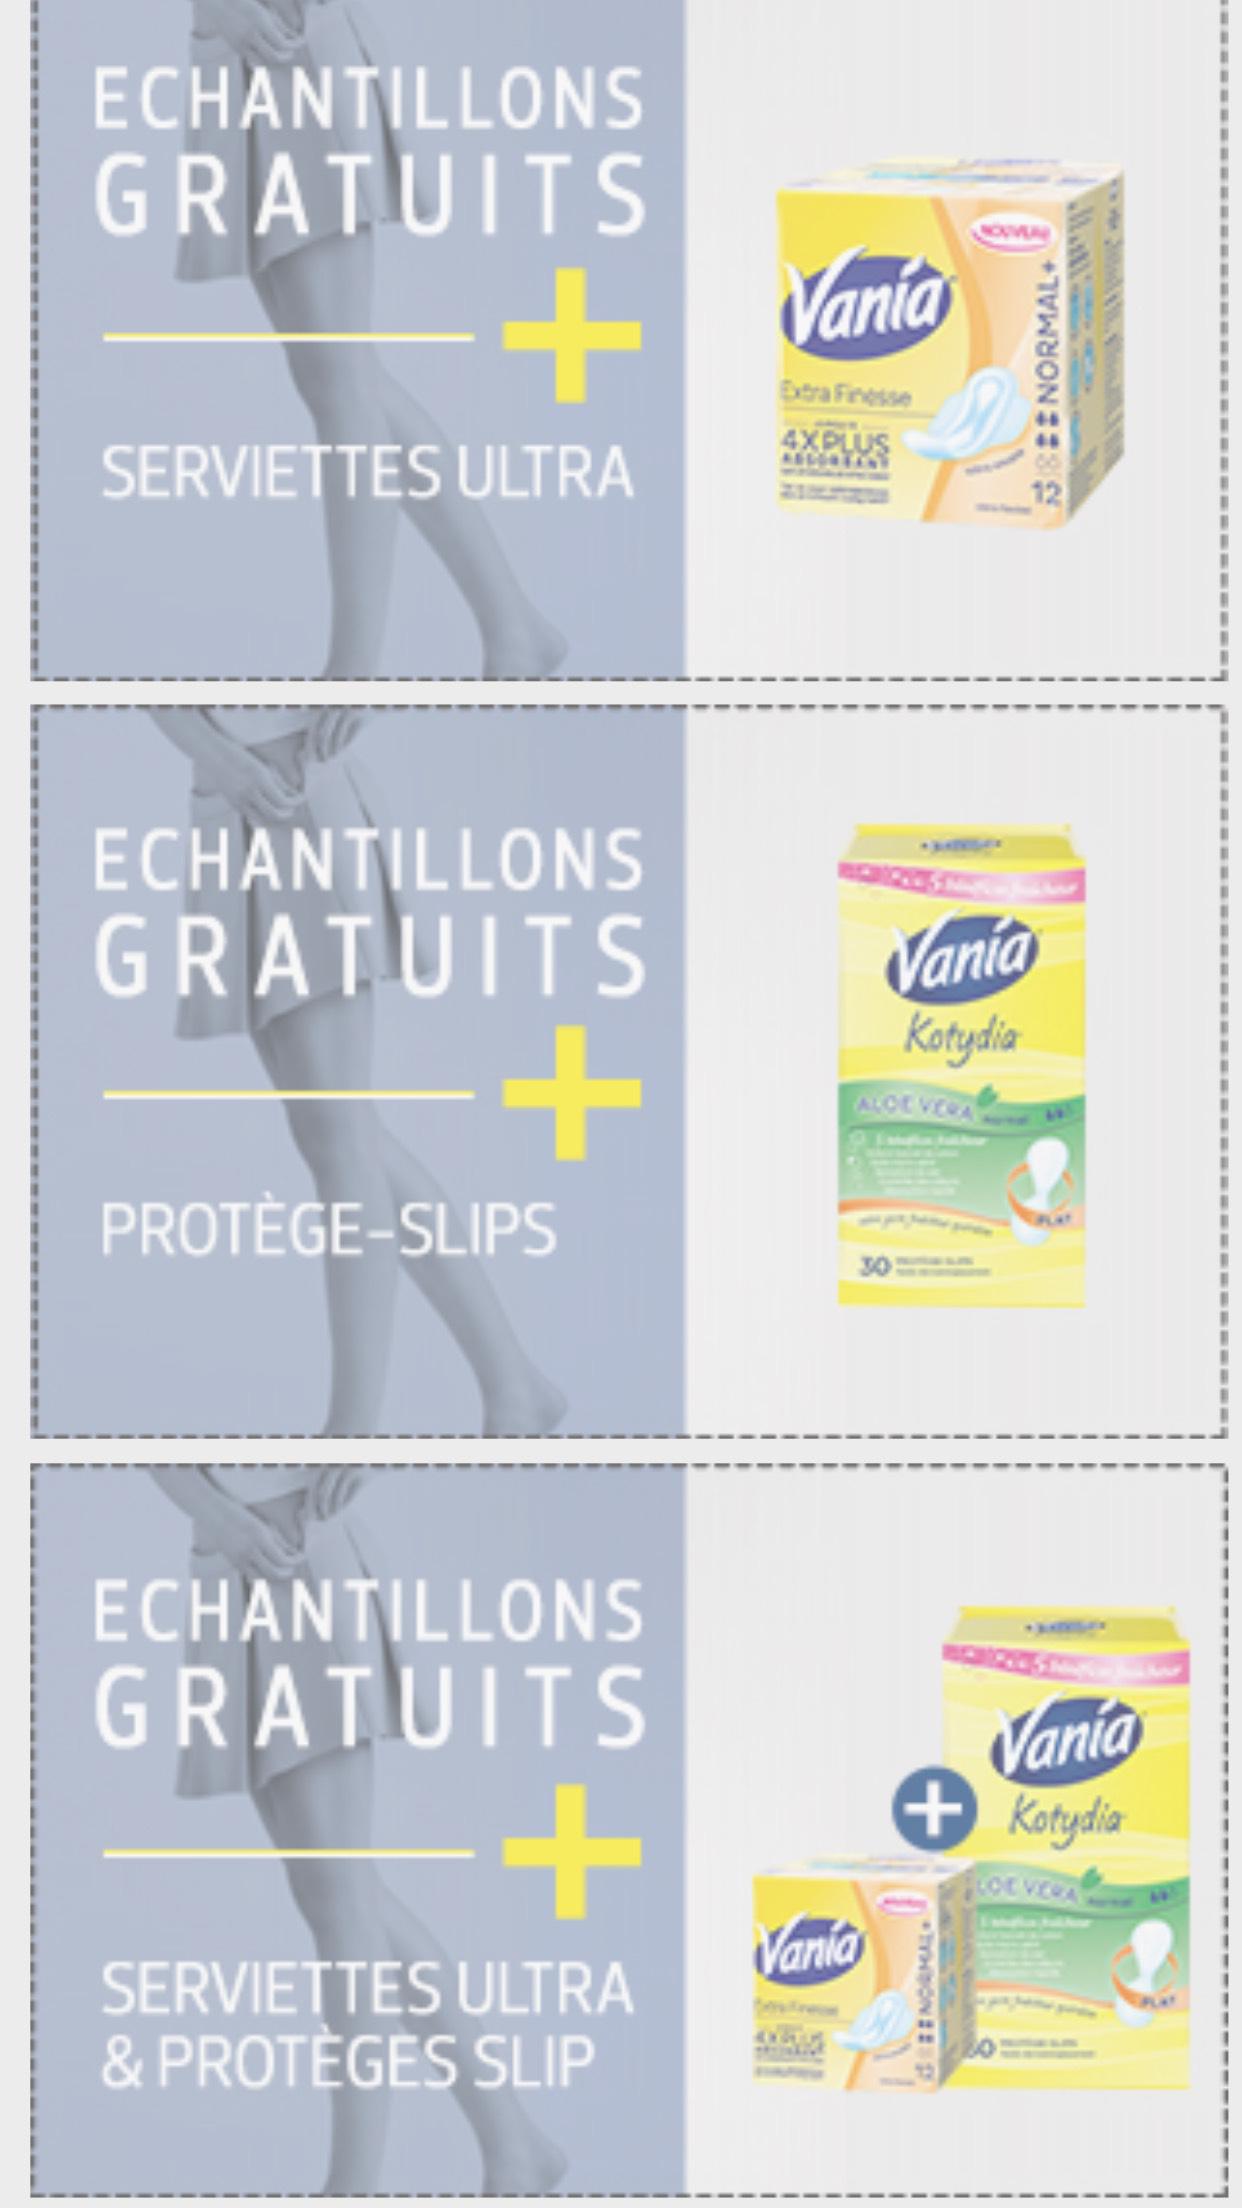 Échantillons gratuits serviettes et protèges slip Vania